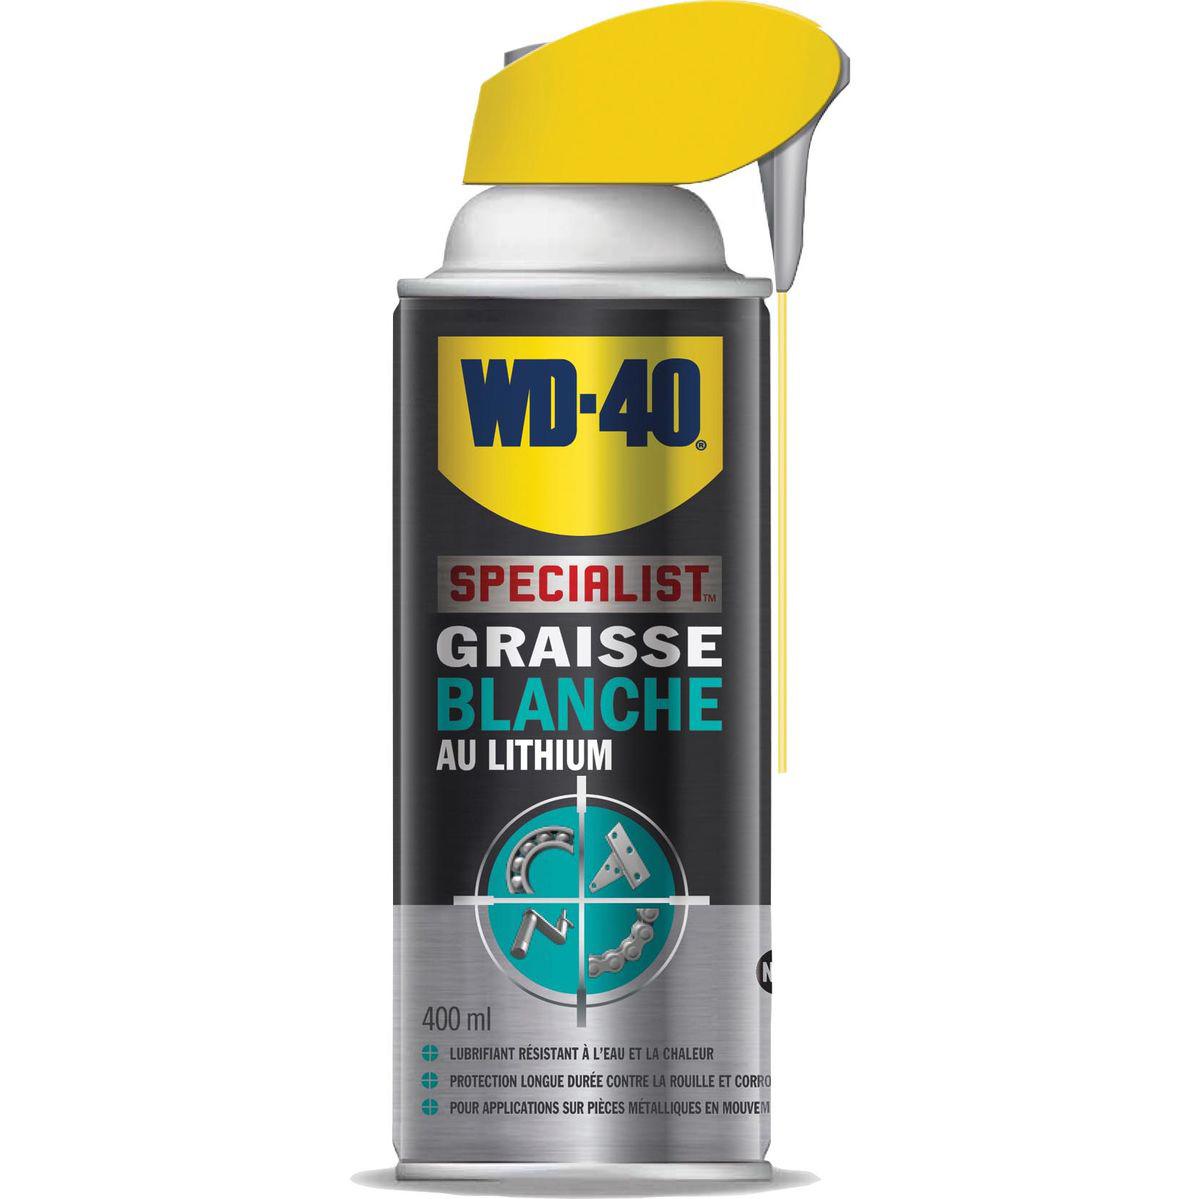 WD-40, Graisse blanche au lithium, aérosol de 400ML